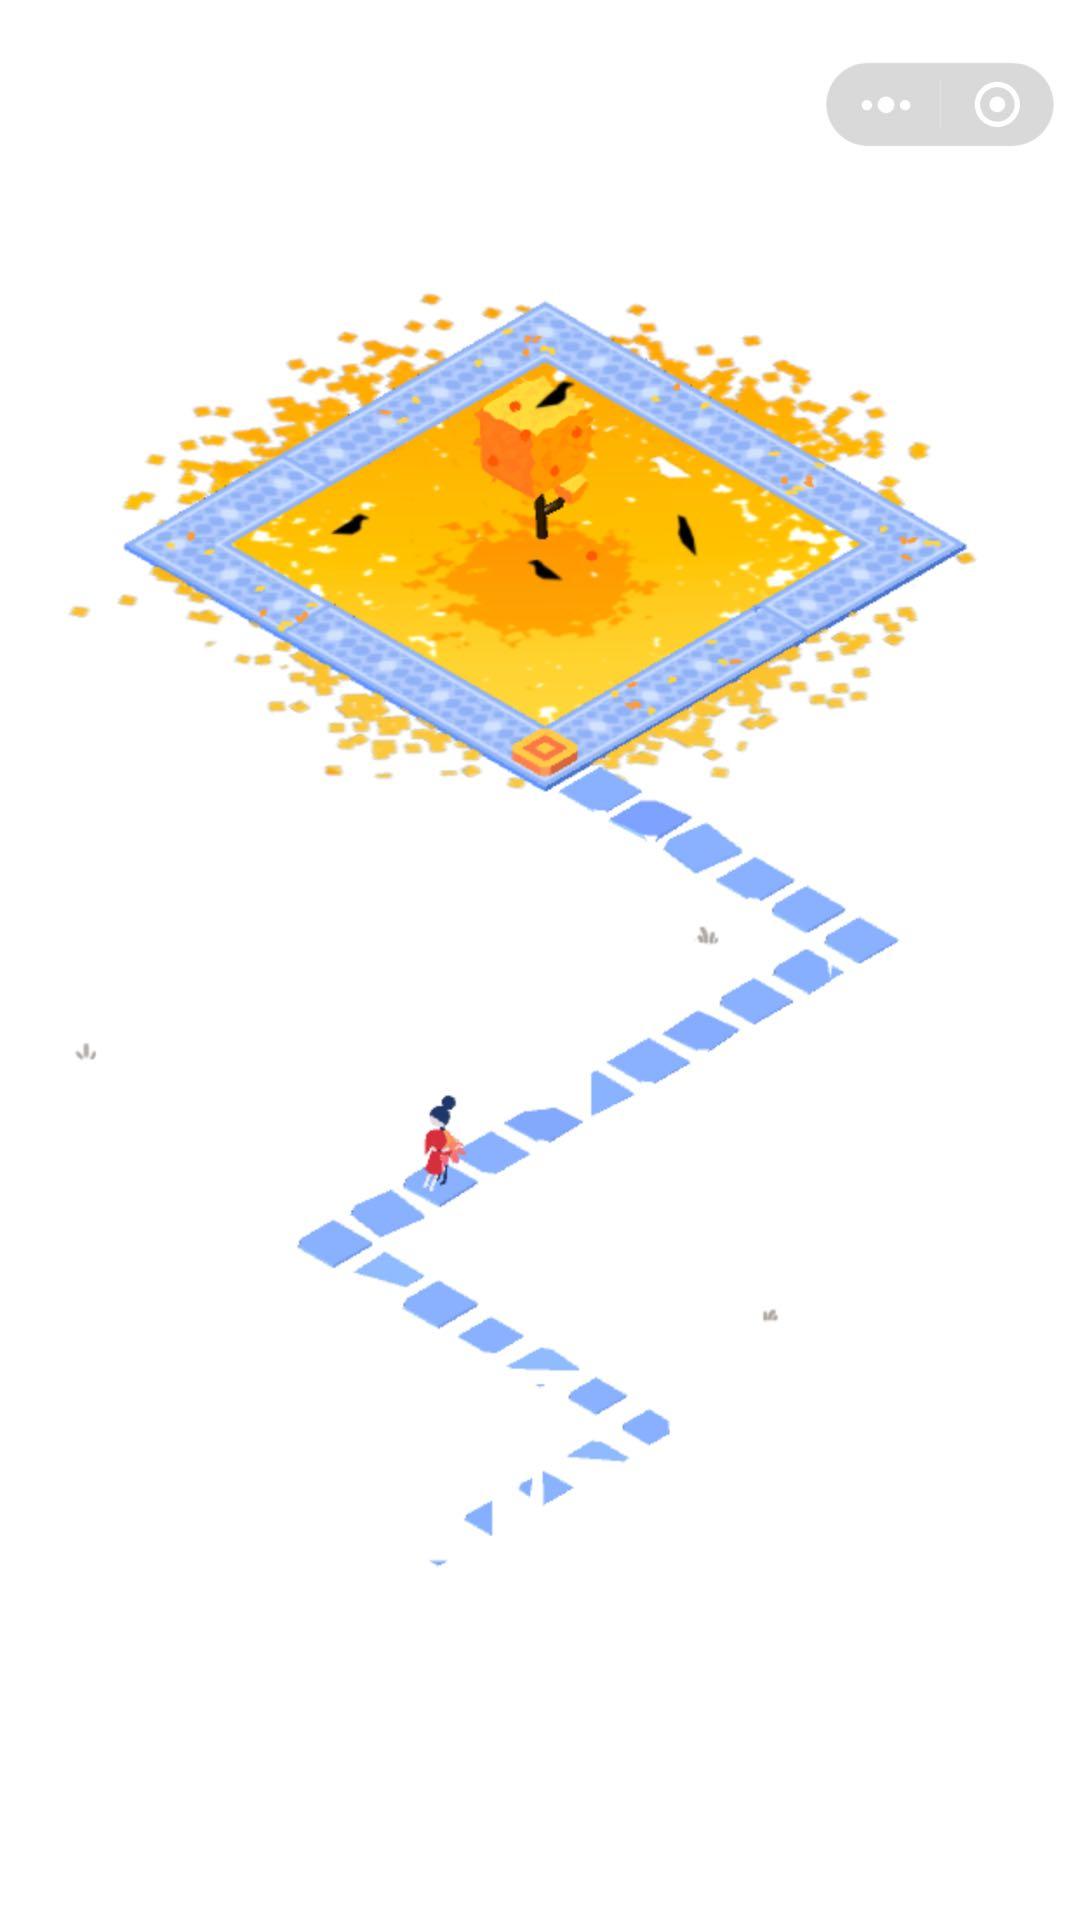 微信小程序好玩的游戏有哪些(休闲益智的10款小游戏)